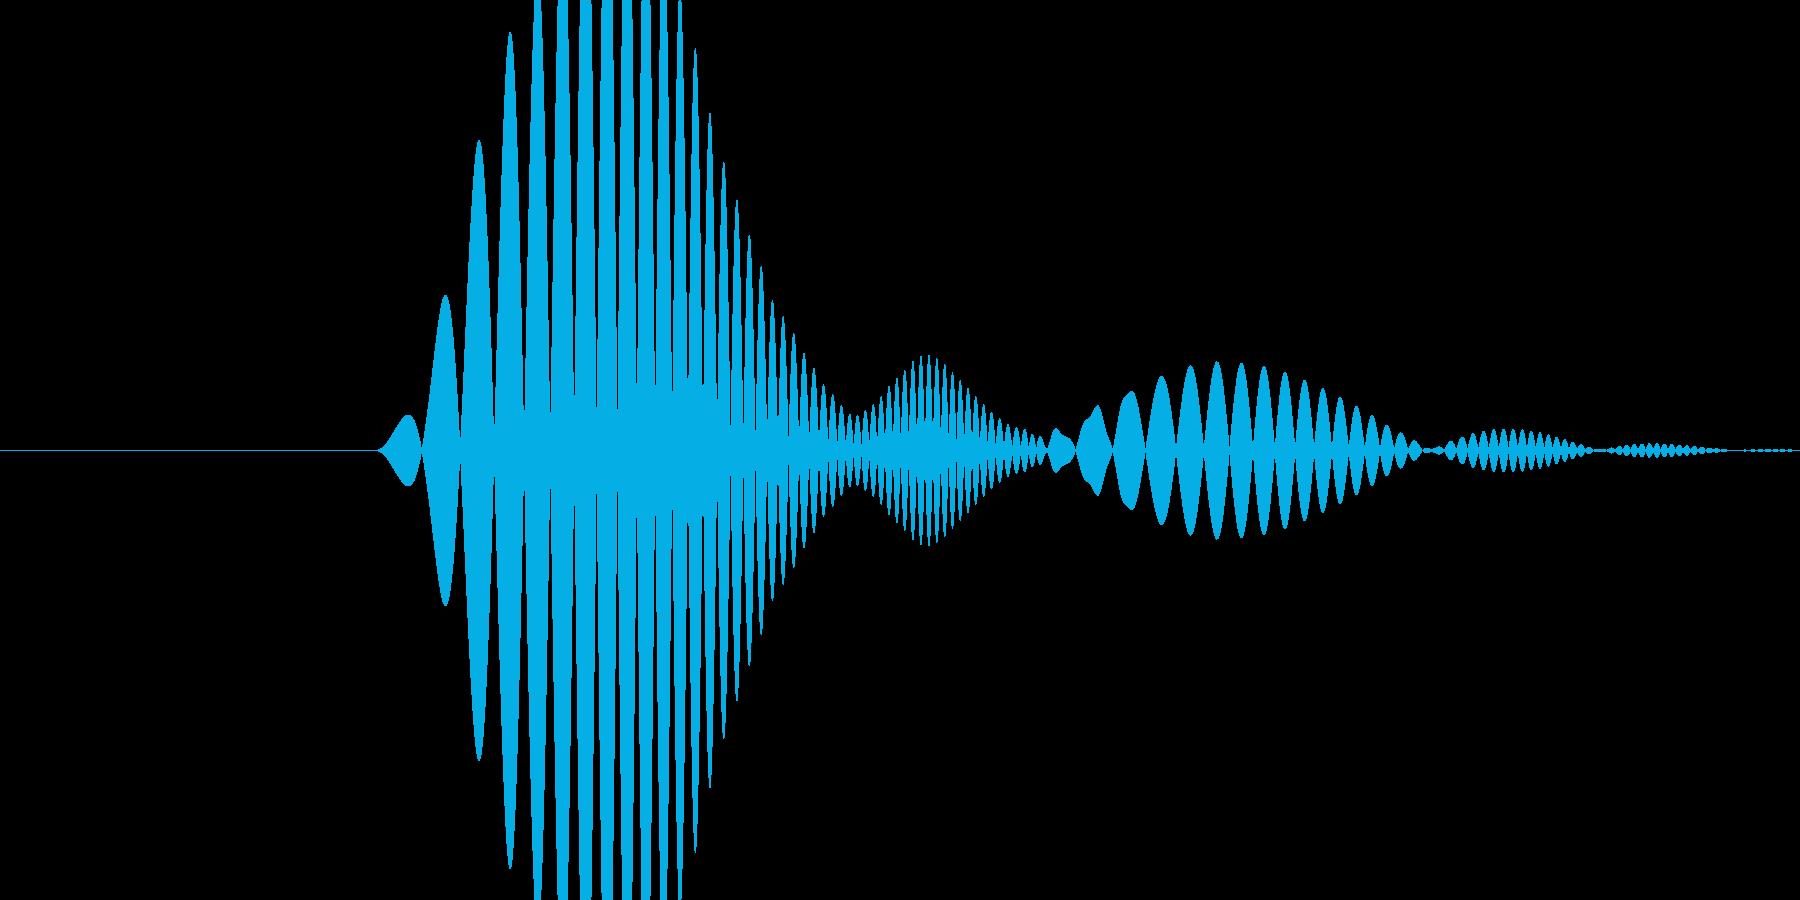 「ポワっ」というポップな効果音その2の再生済みの波形